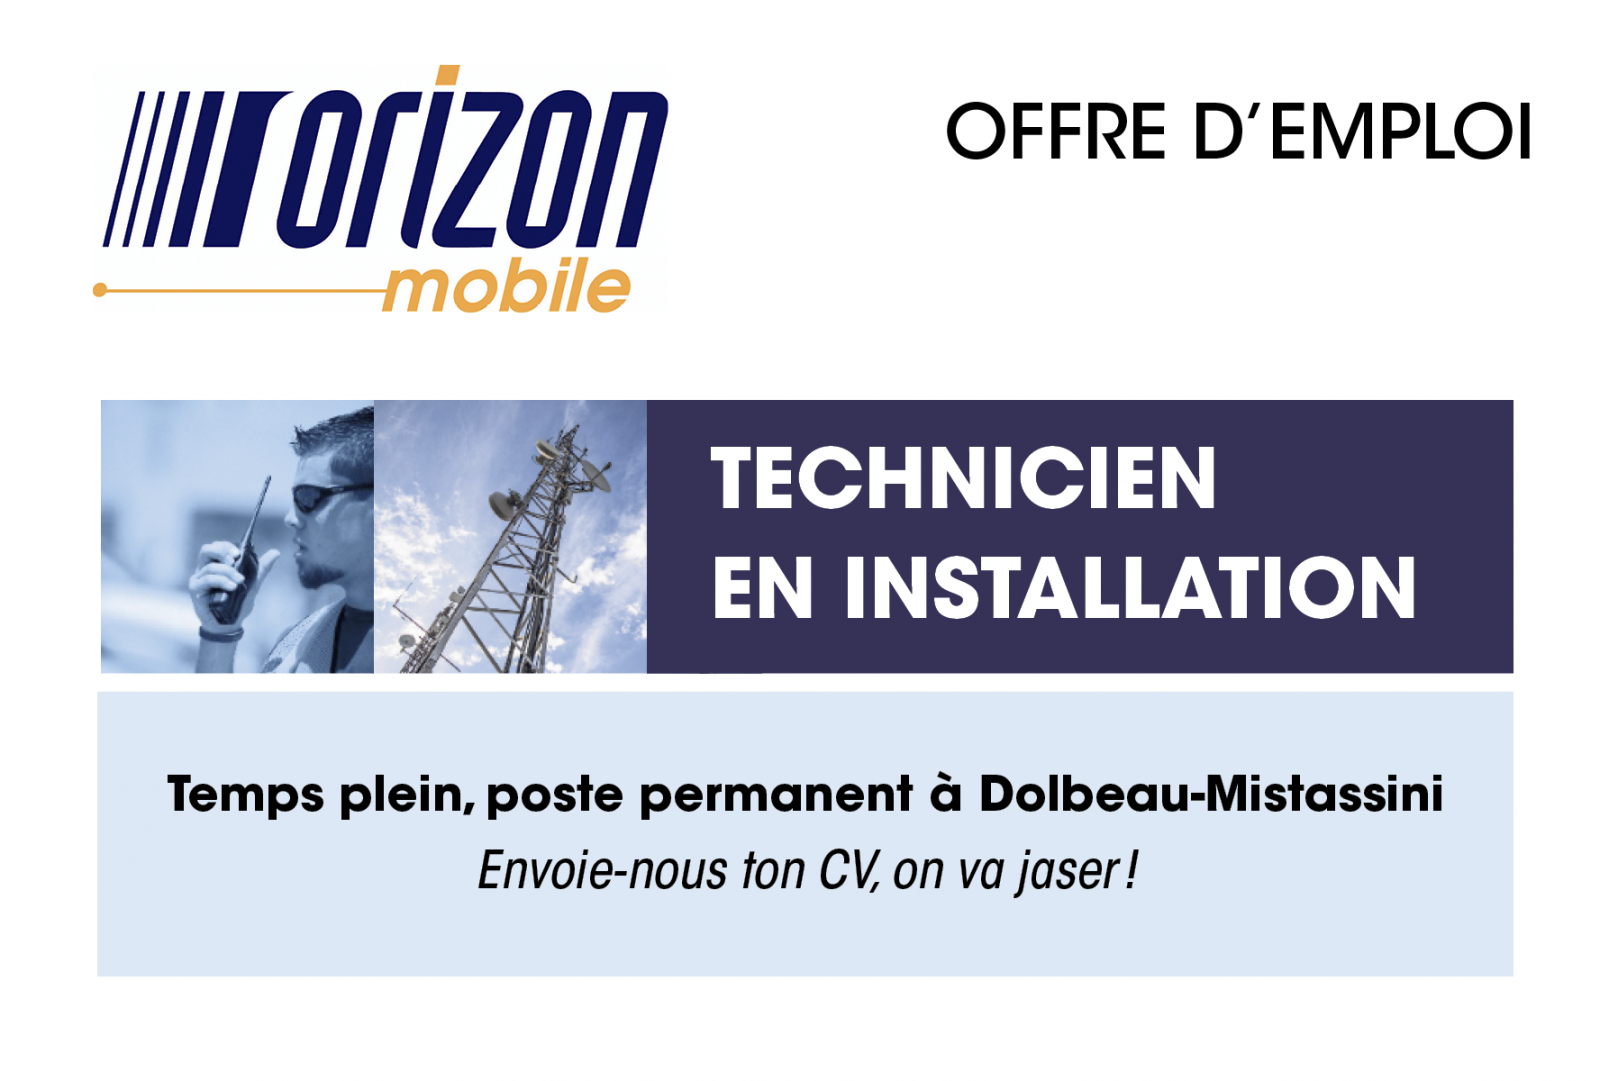 Orizon Mobile est à la recherche d'un/une technicien(ne) en installation